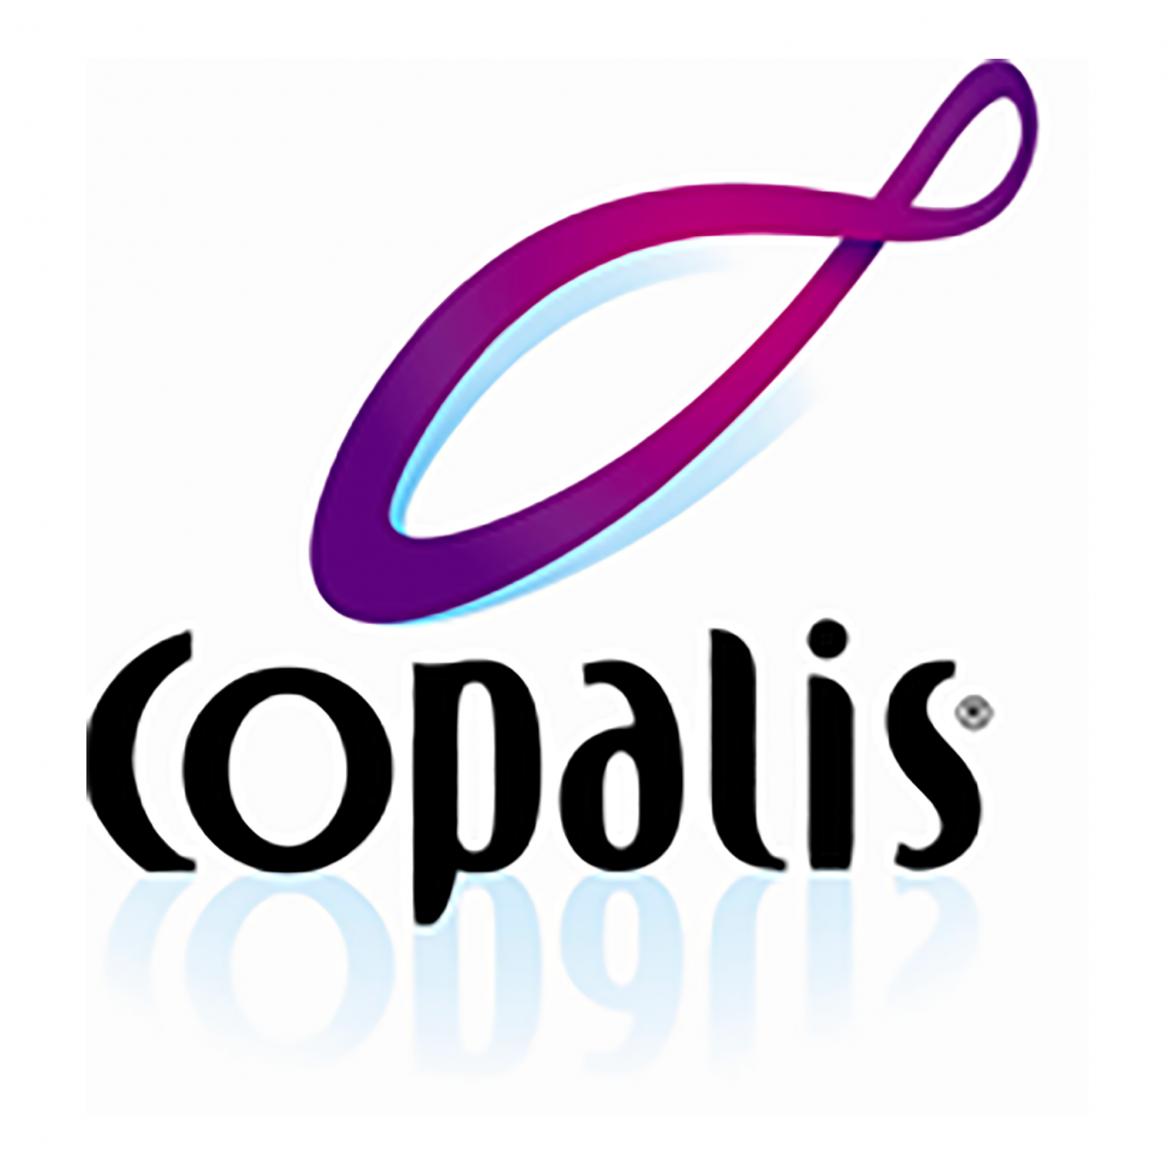 Angèle Von kiss - Mes clients - Copalis